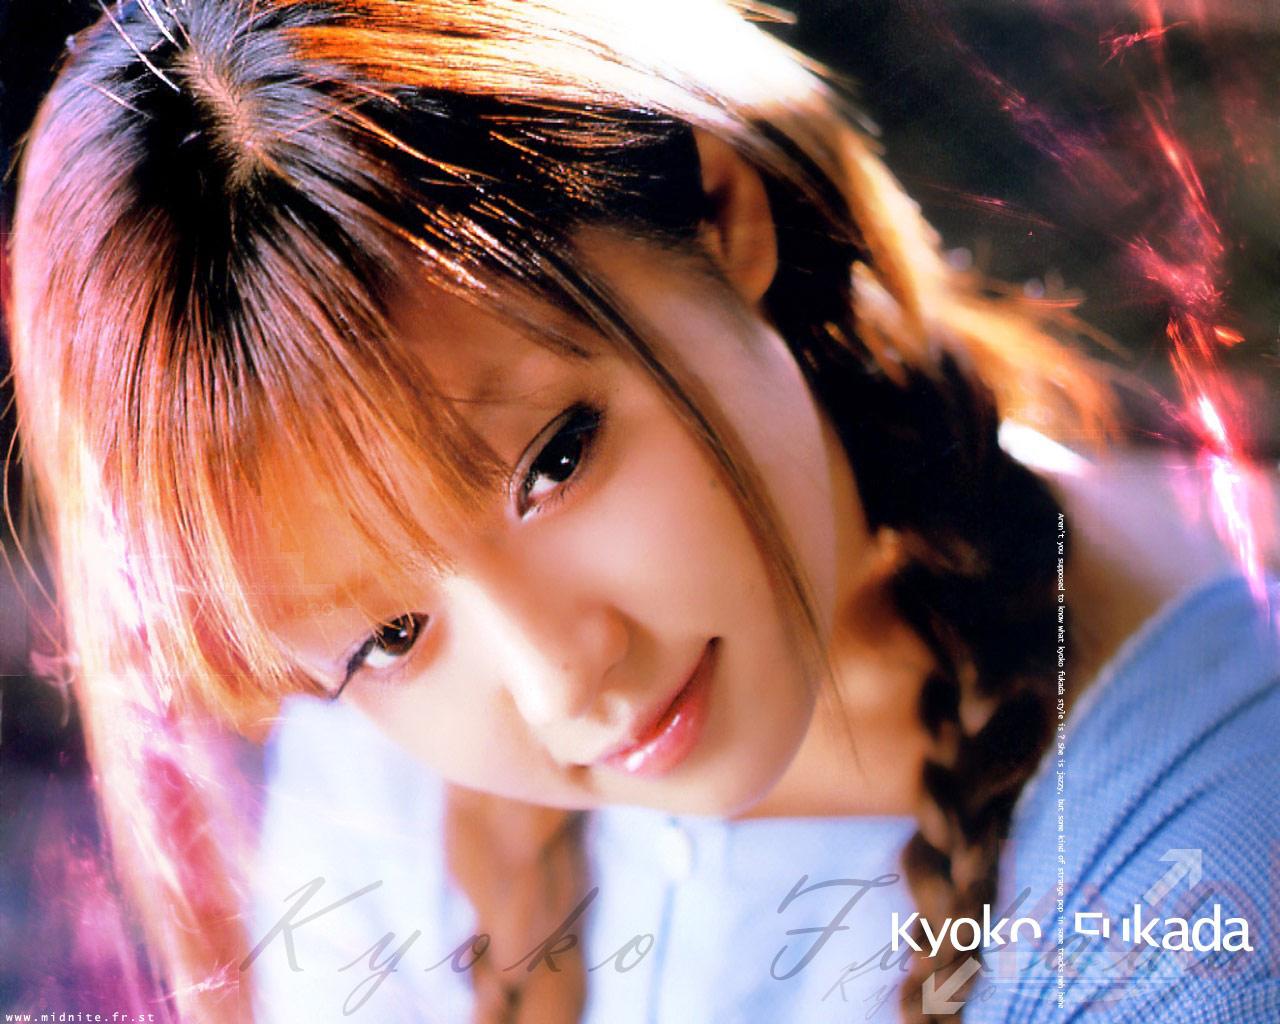 Бесплатное фото японок 14 фотография